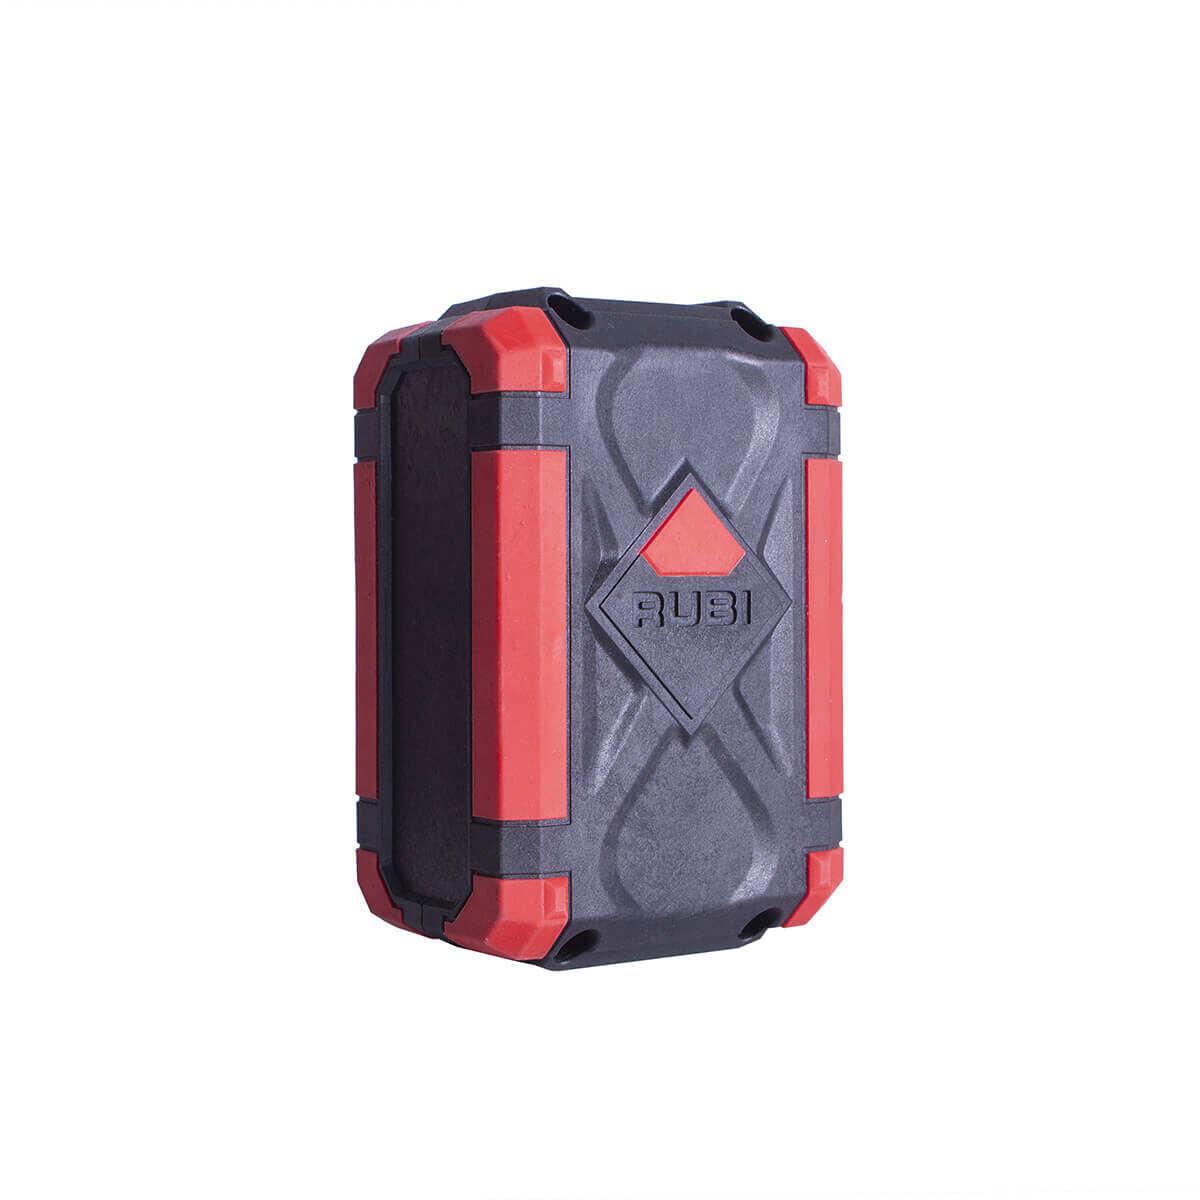 Rubi 18V 5AH Battery for Rubimix E-10 Energy